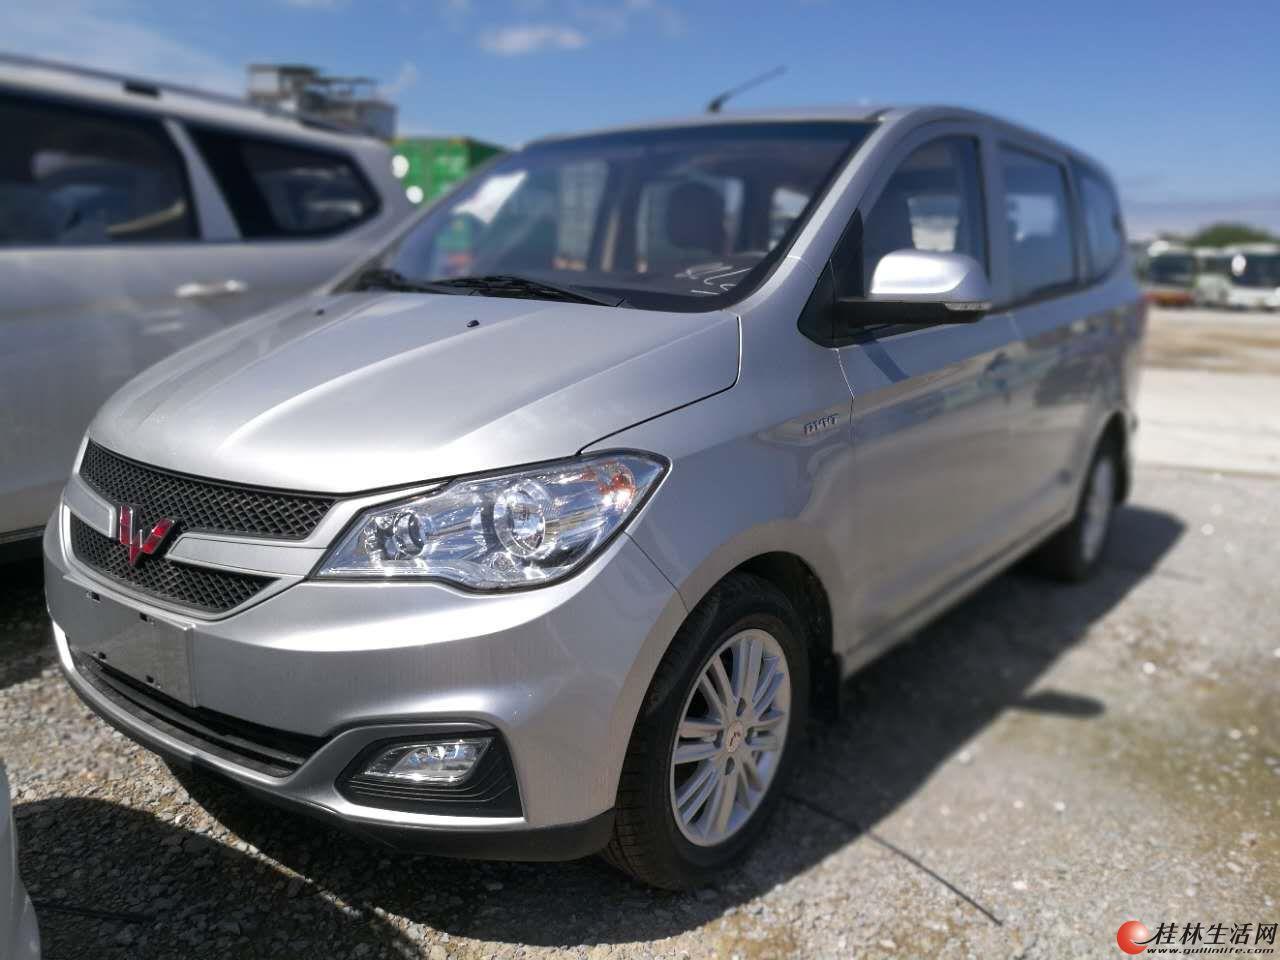 出售全新车五菱宏光,首付只要八千就可提车